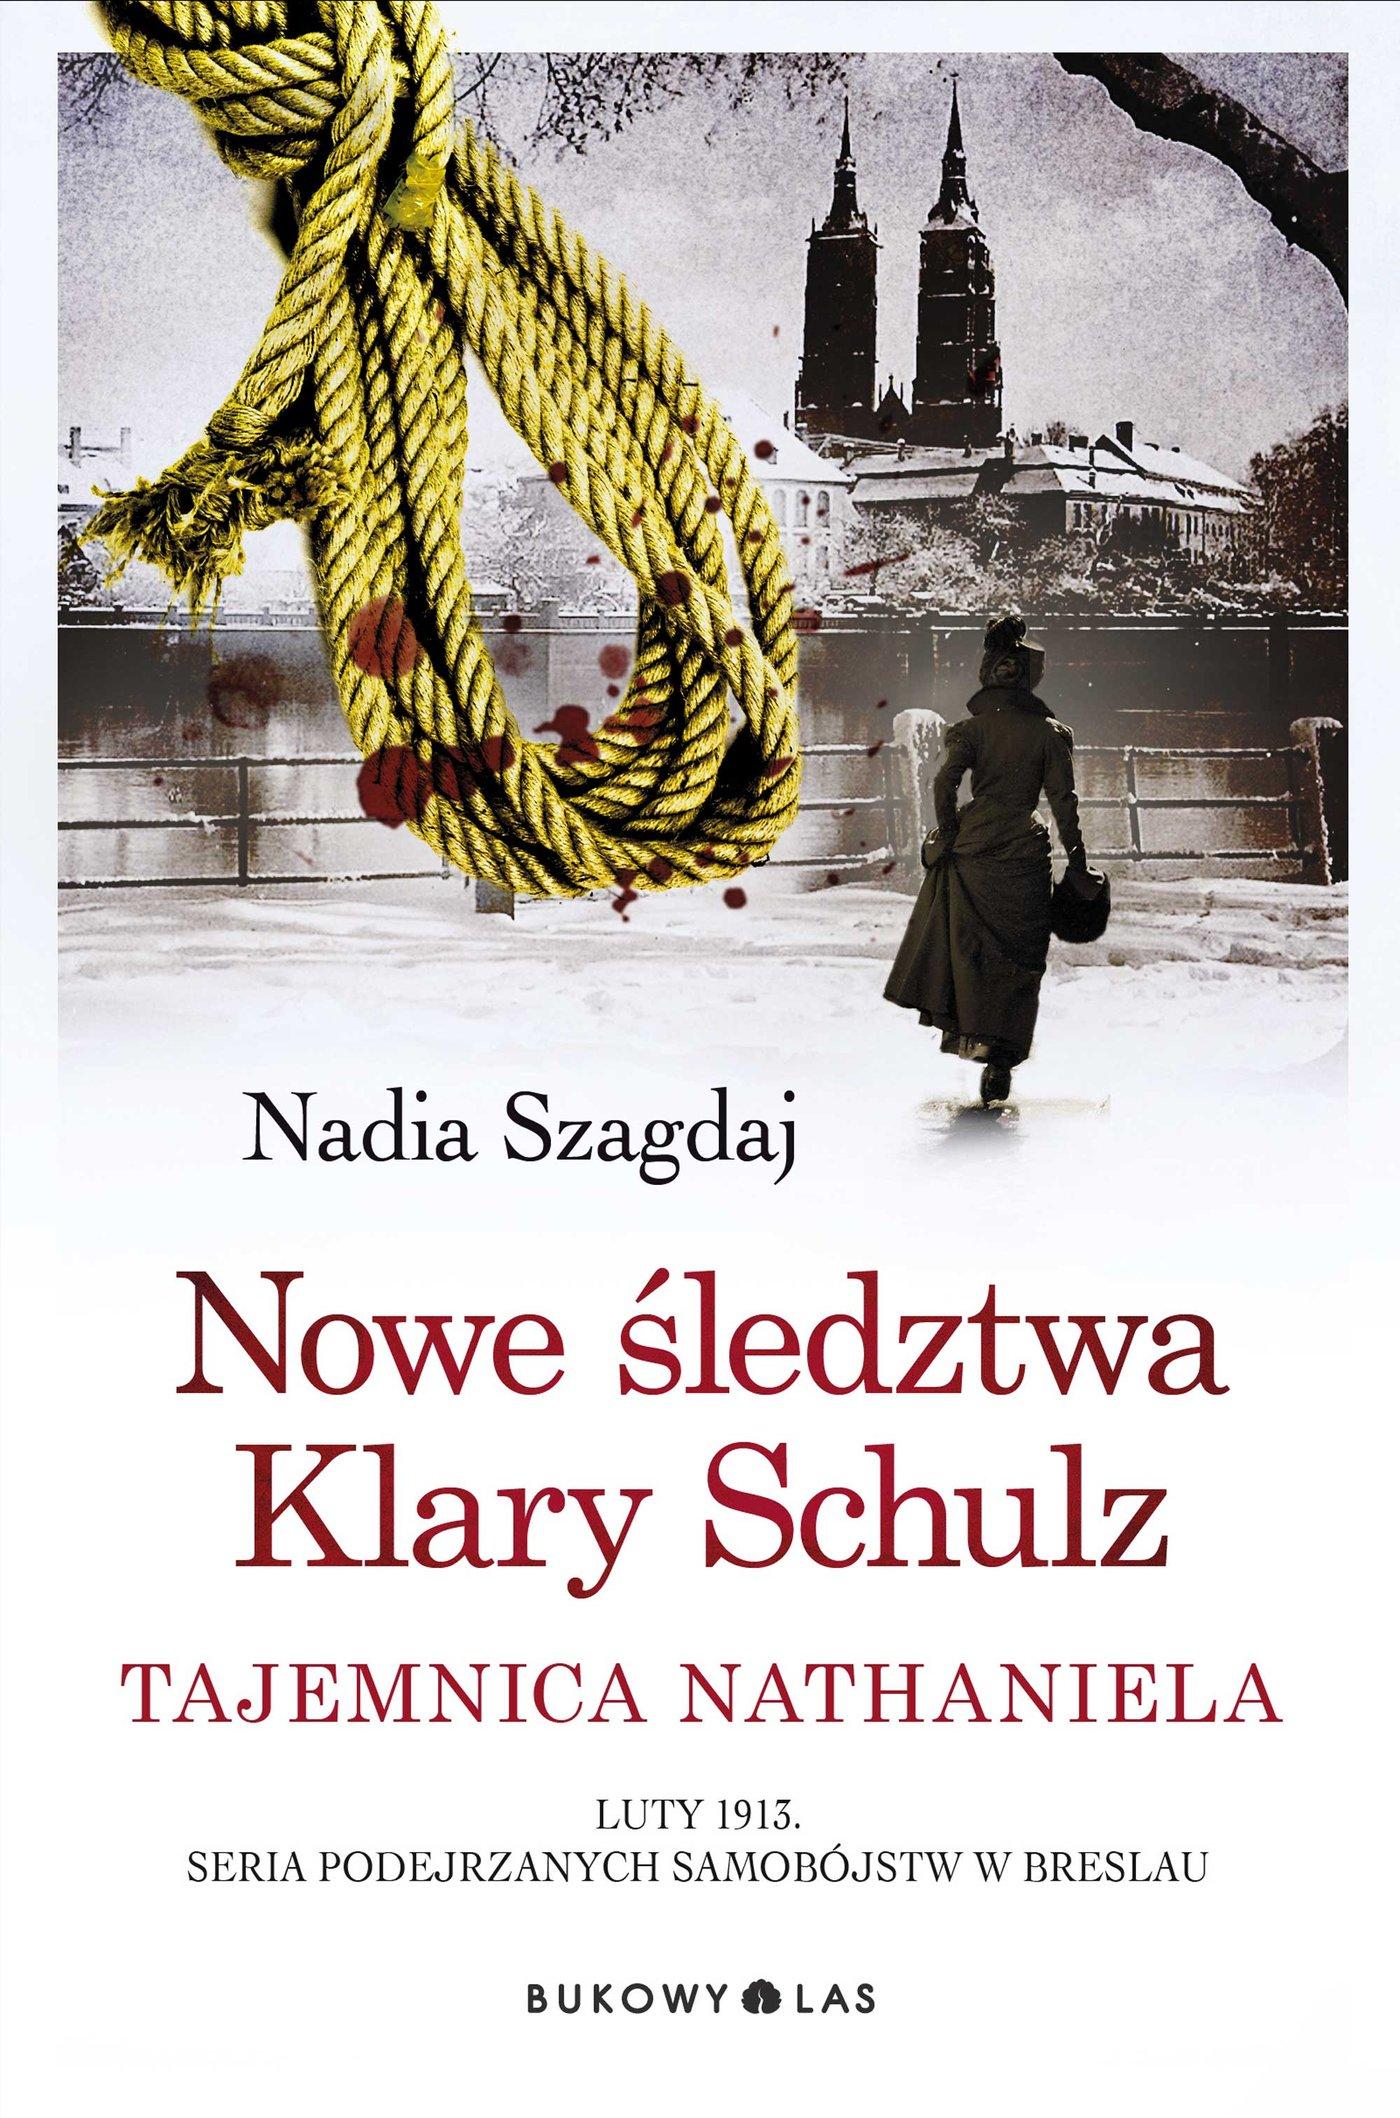 Nowe śledztwa Klary Schulz. Tajemnica Nathaniela - Ebook (Książka na Kindle) do pobrania w formacie MOBI